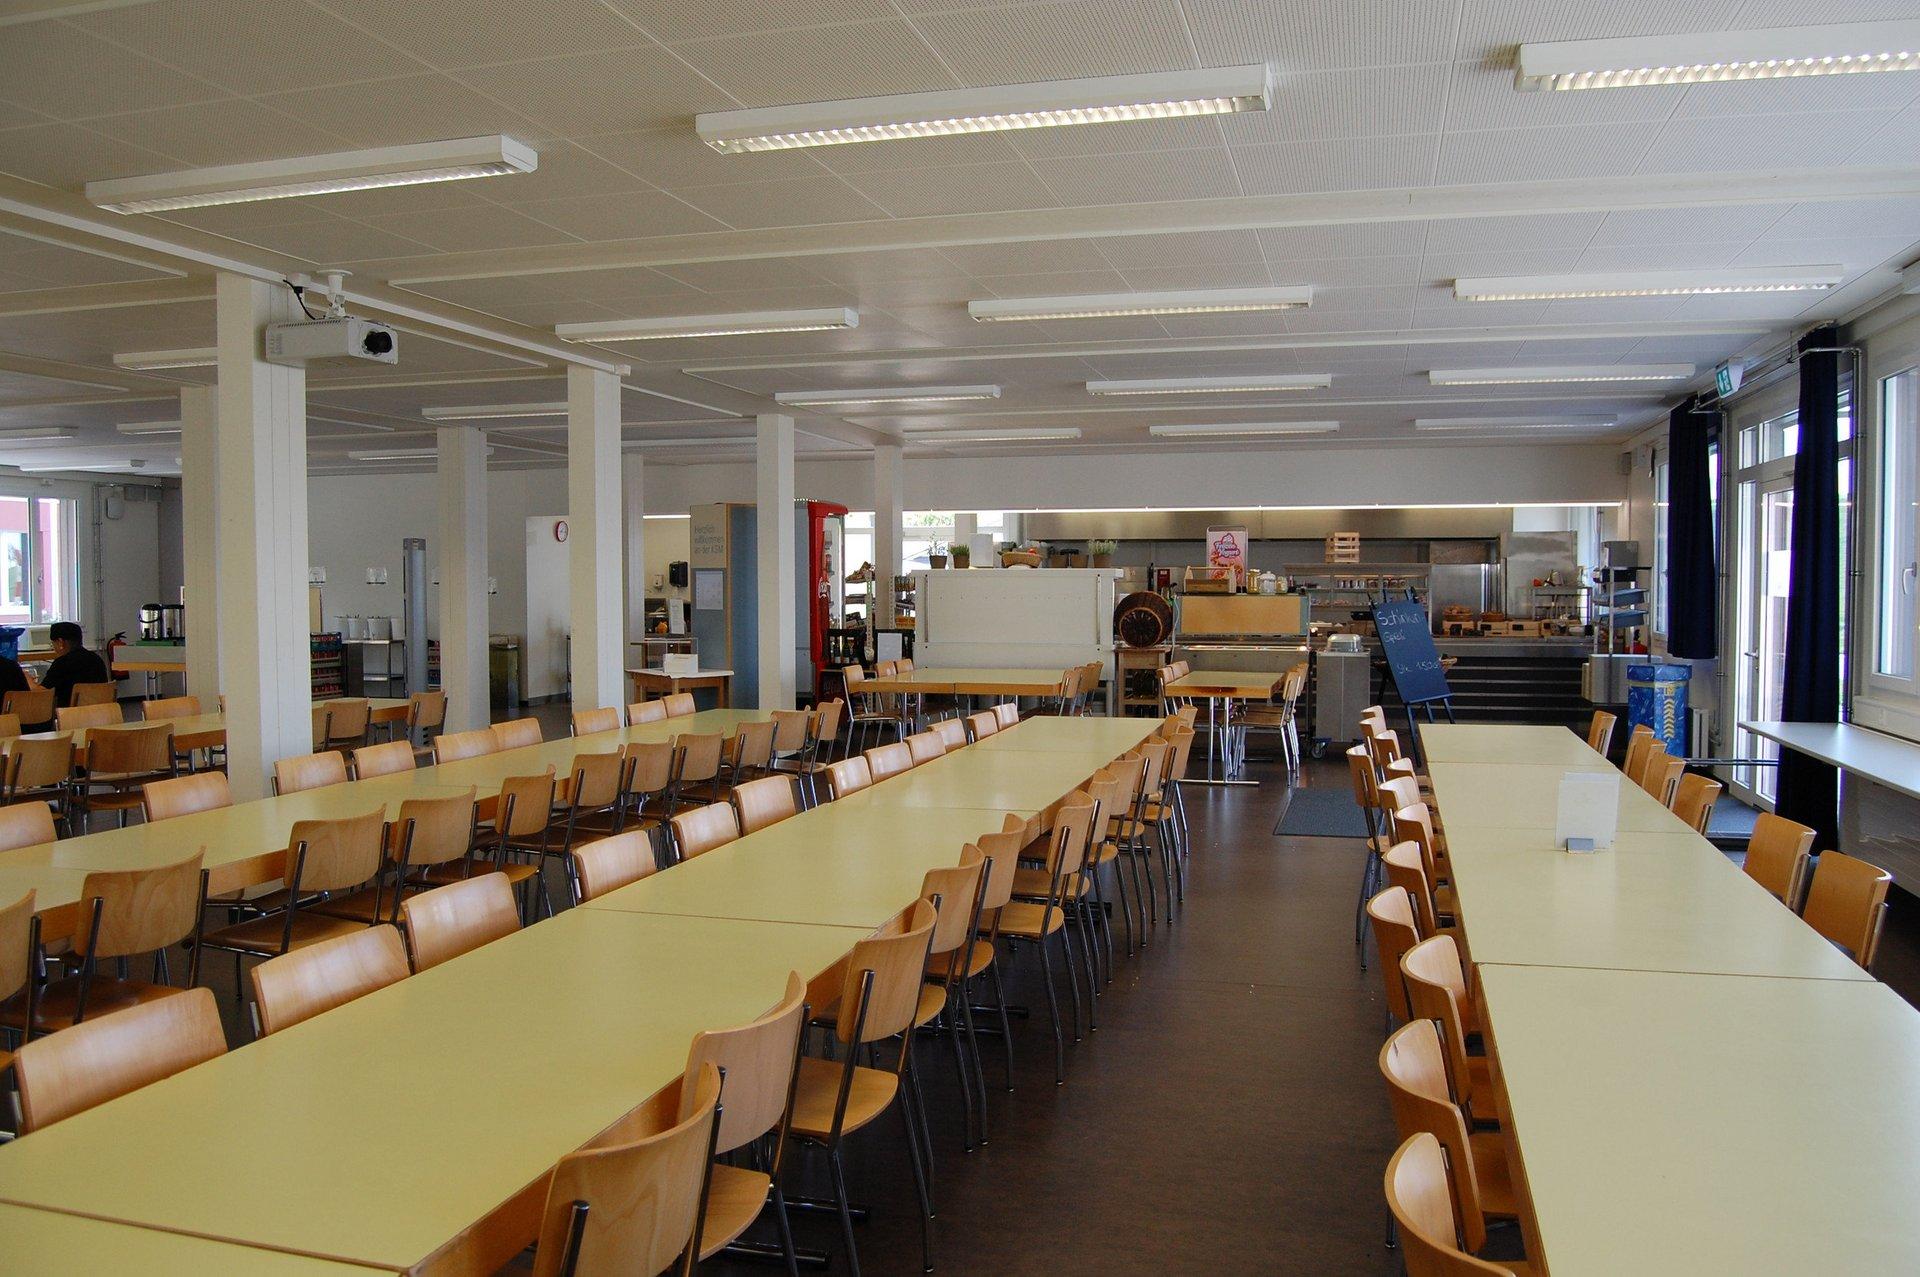 Ausgestattete Mensa im Schulgebäude in schlichtem Design